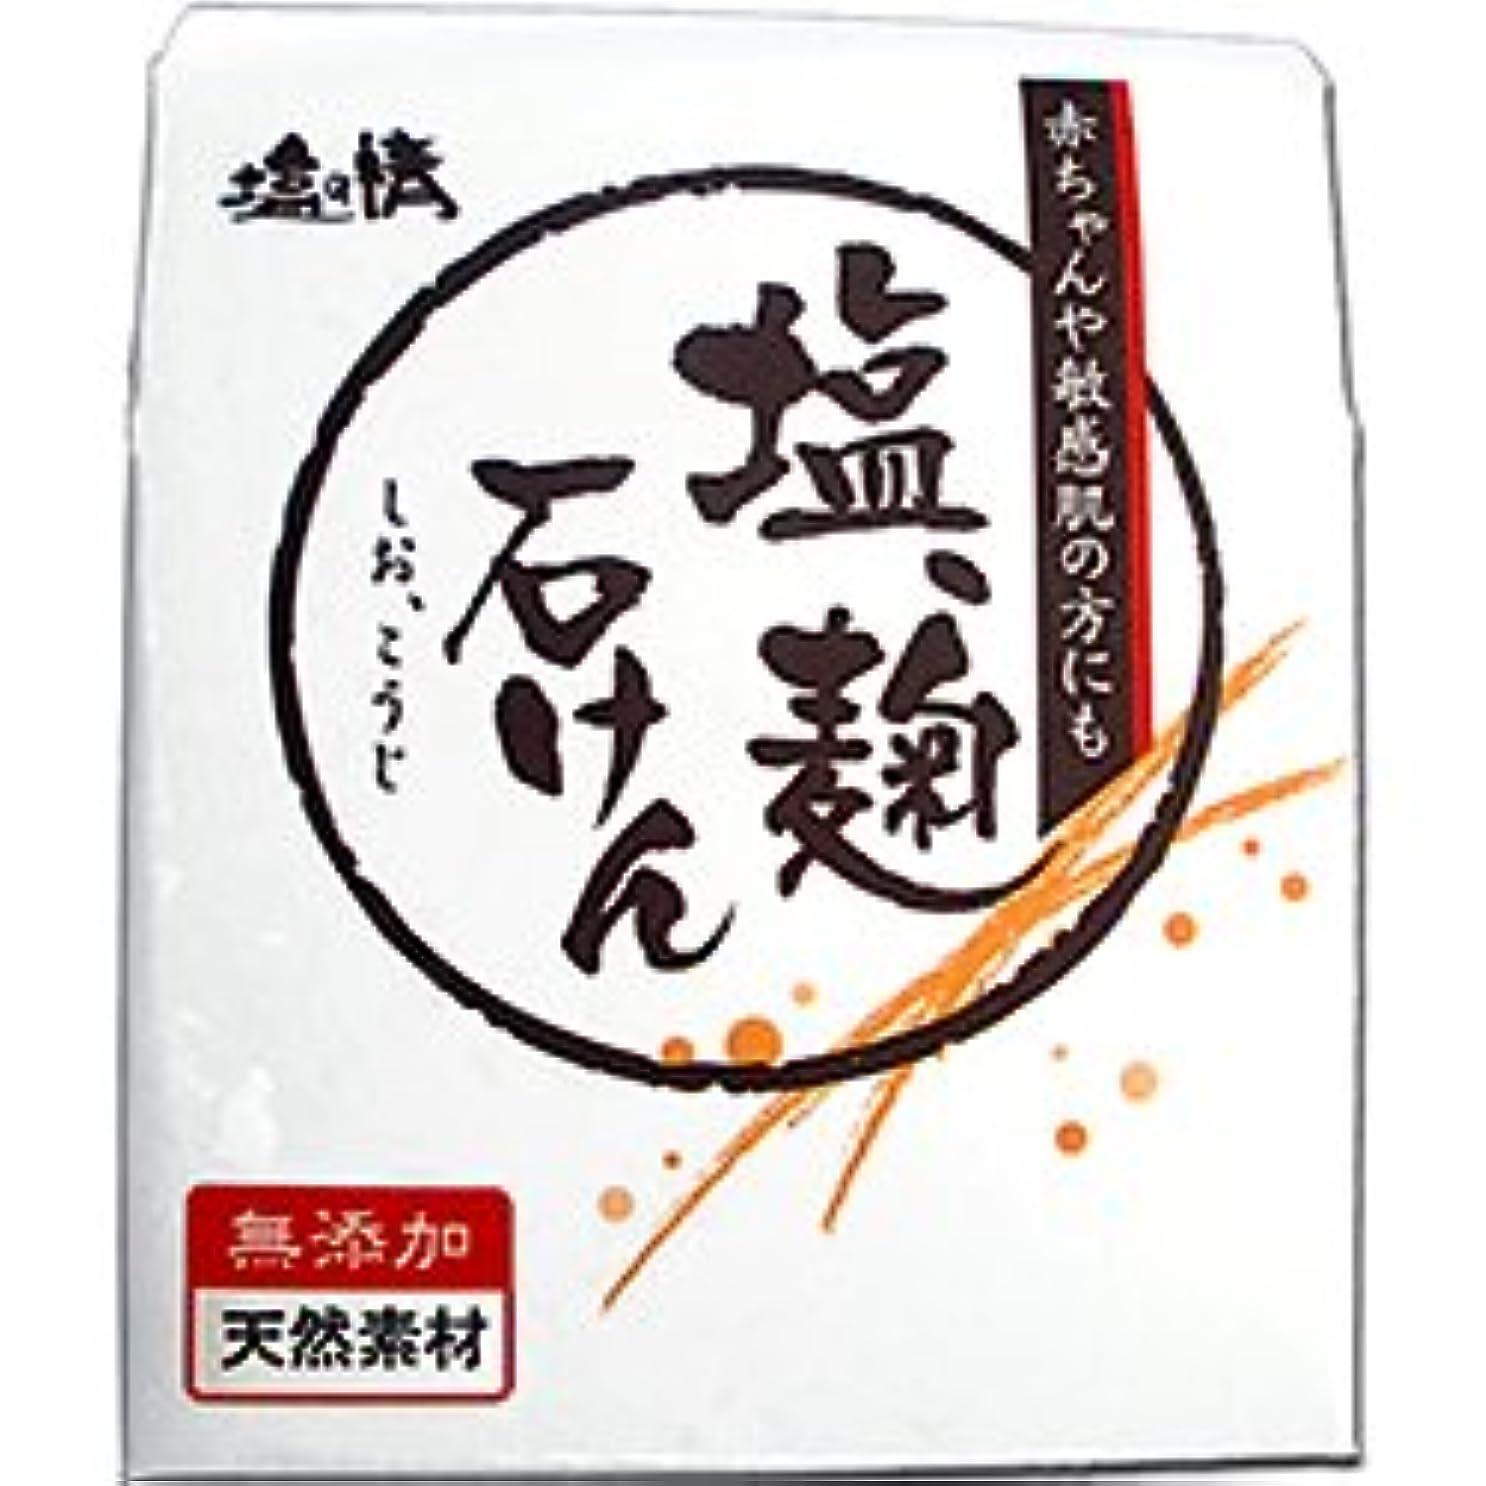 絞るマッシュいつも【ダイムヘルスケア】塩の精 塩、麹石けん(しお、こうじせっけん) 無添加?天然素材 80g ×3個セット